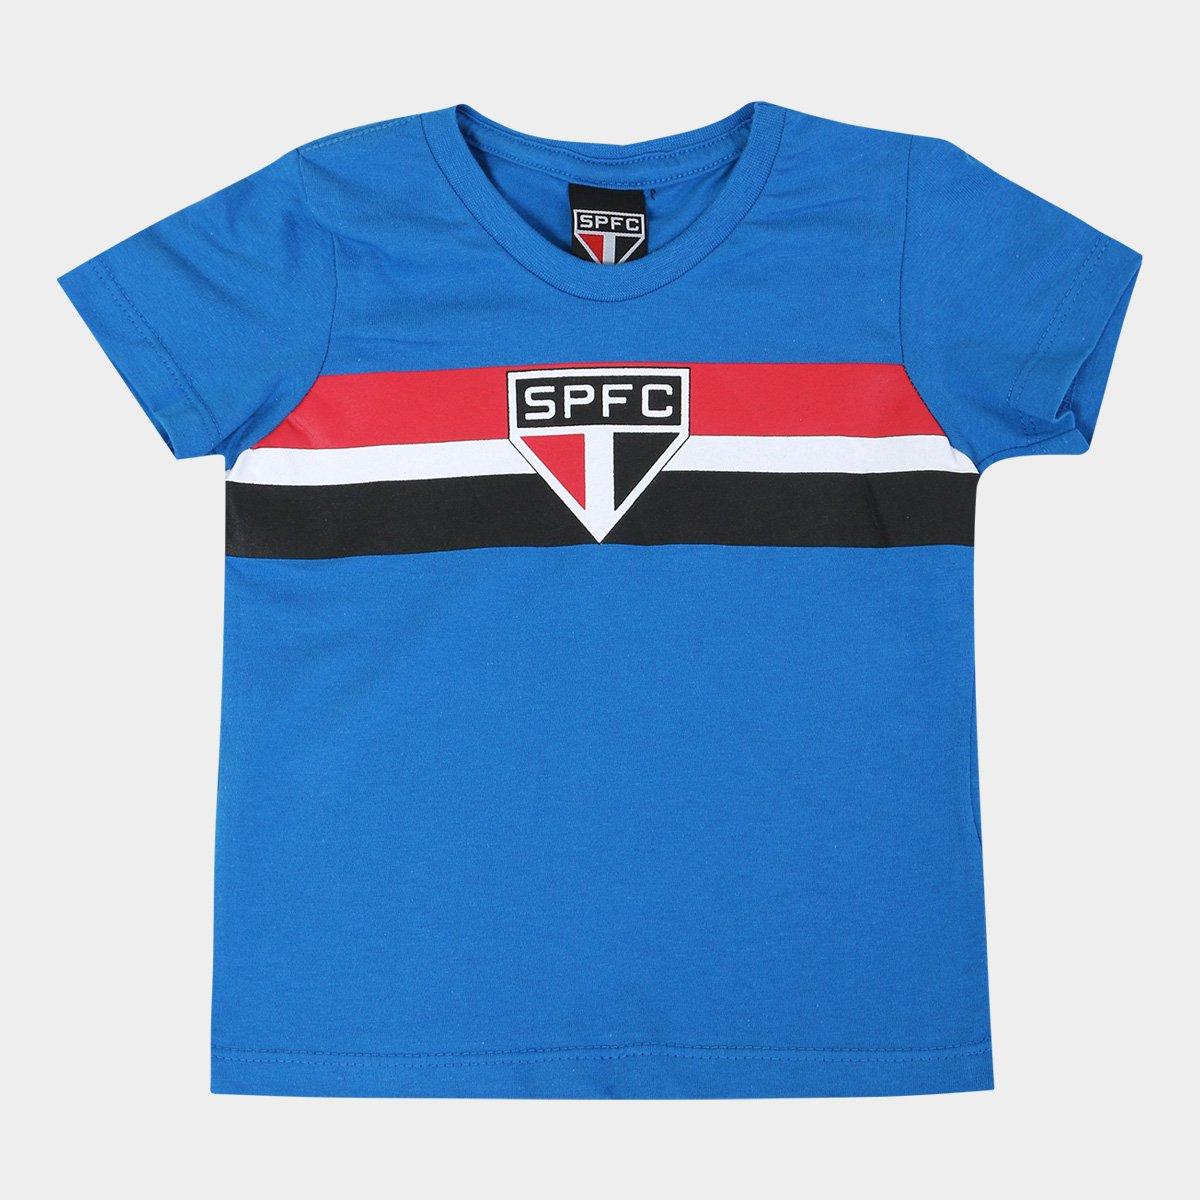 7e4a08e3dd0 Camiseta São Paulo Infantil Tradicional - Azul - Compre Agora